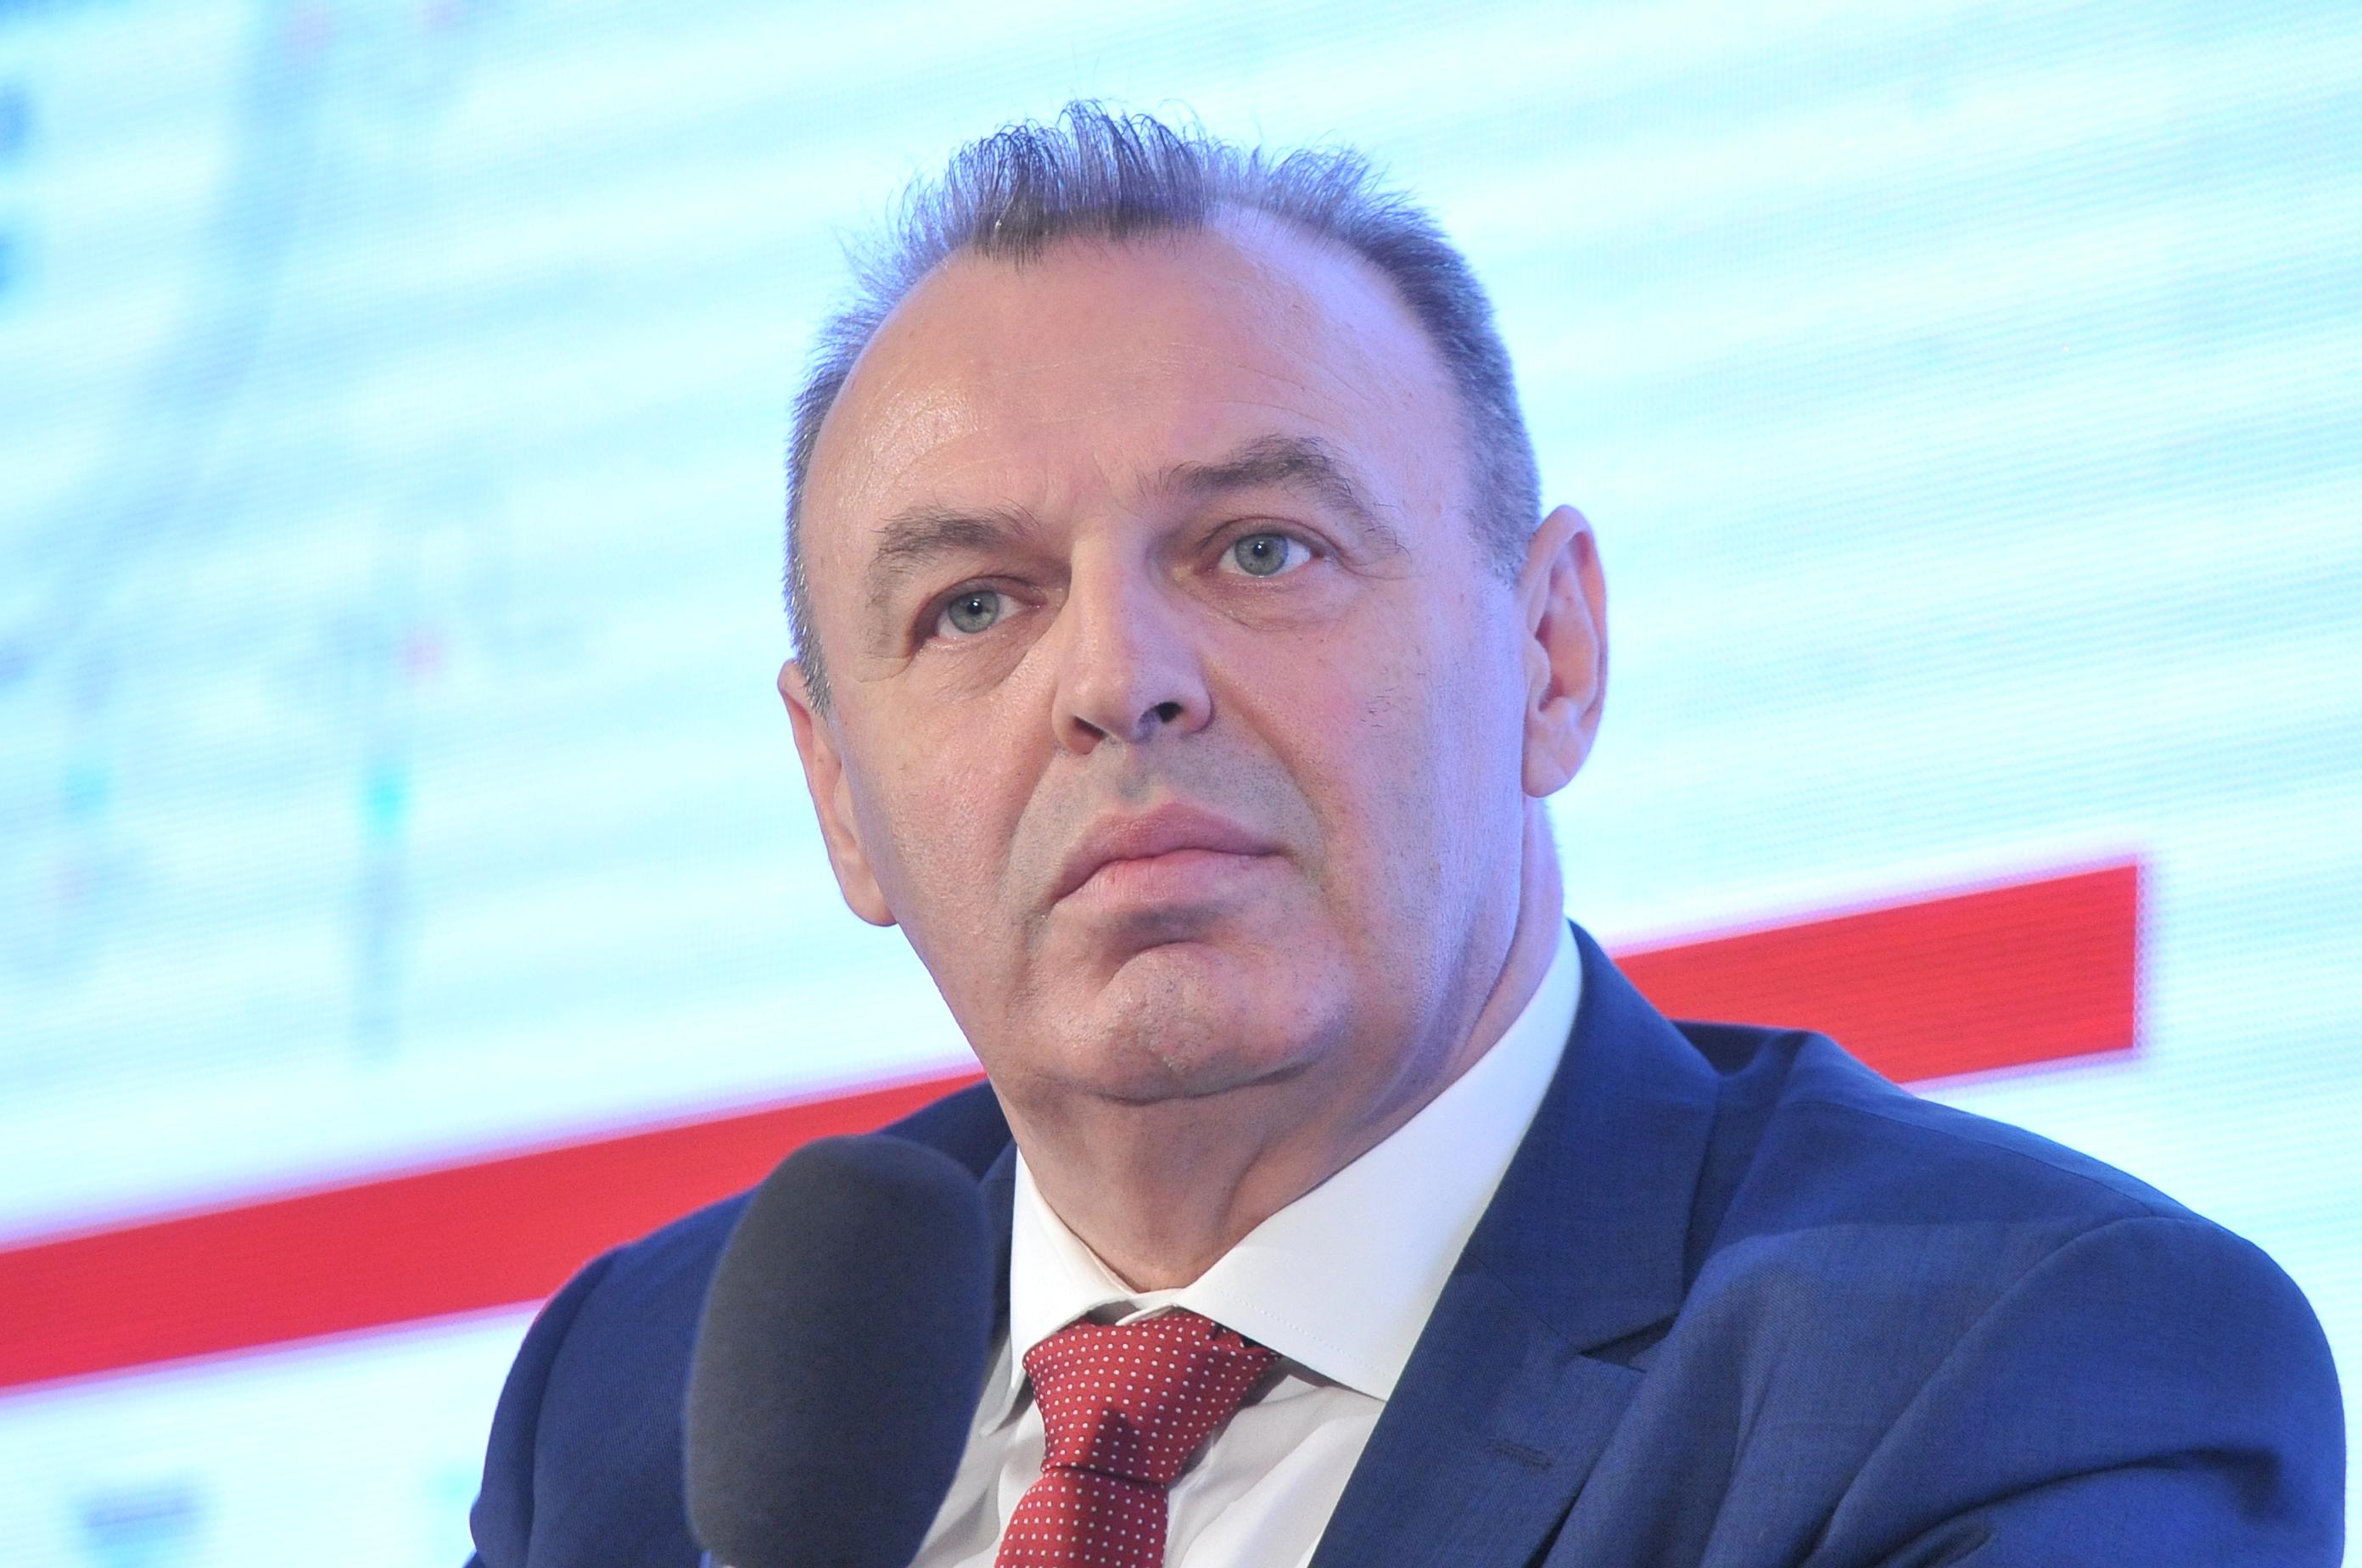 Lucian Şova, al treilea ministru la Transporturi: Minutul unui ministru este prea scump pentru a petrece ore în şir călătorind către diverse şantiere